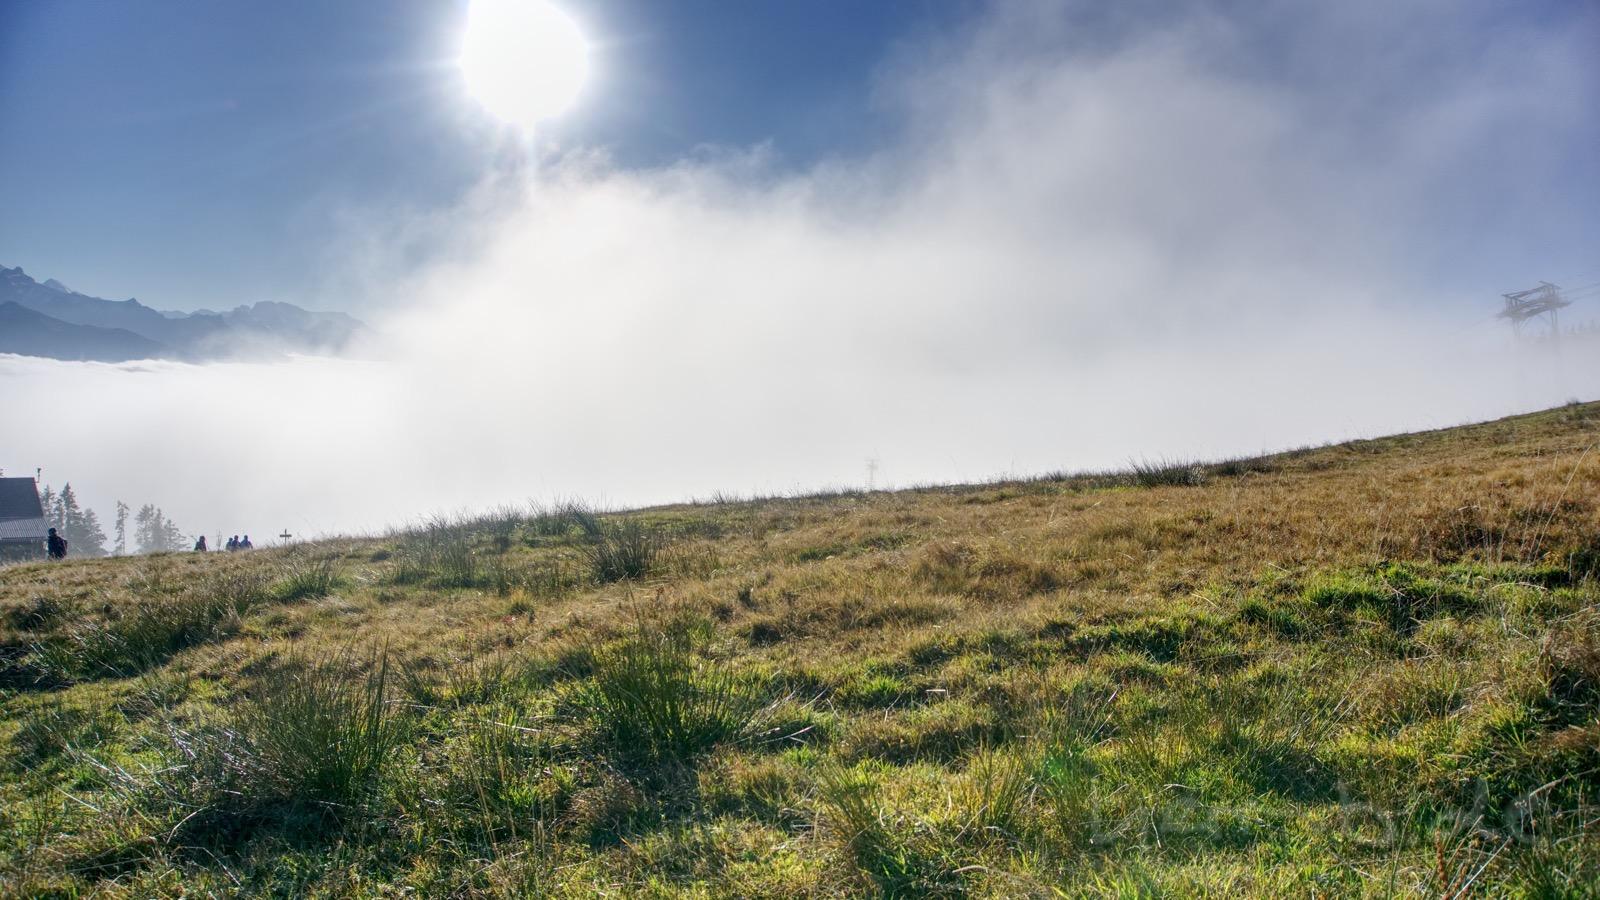 Die letzten Sonnenstrahlen kurz vor der Rückkehr in den Nebel.